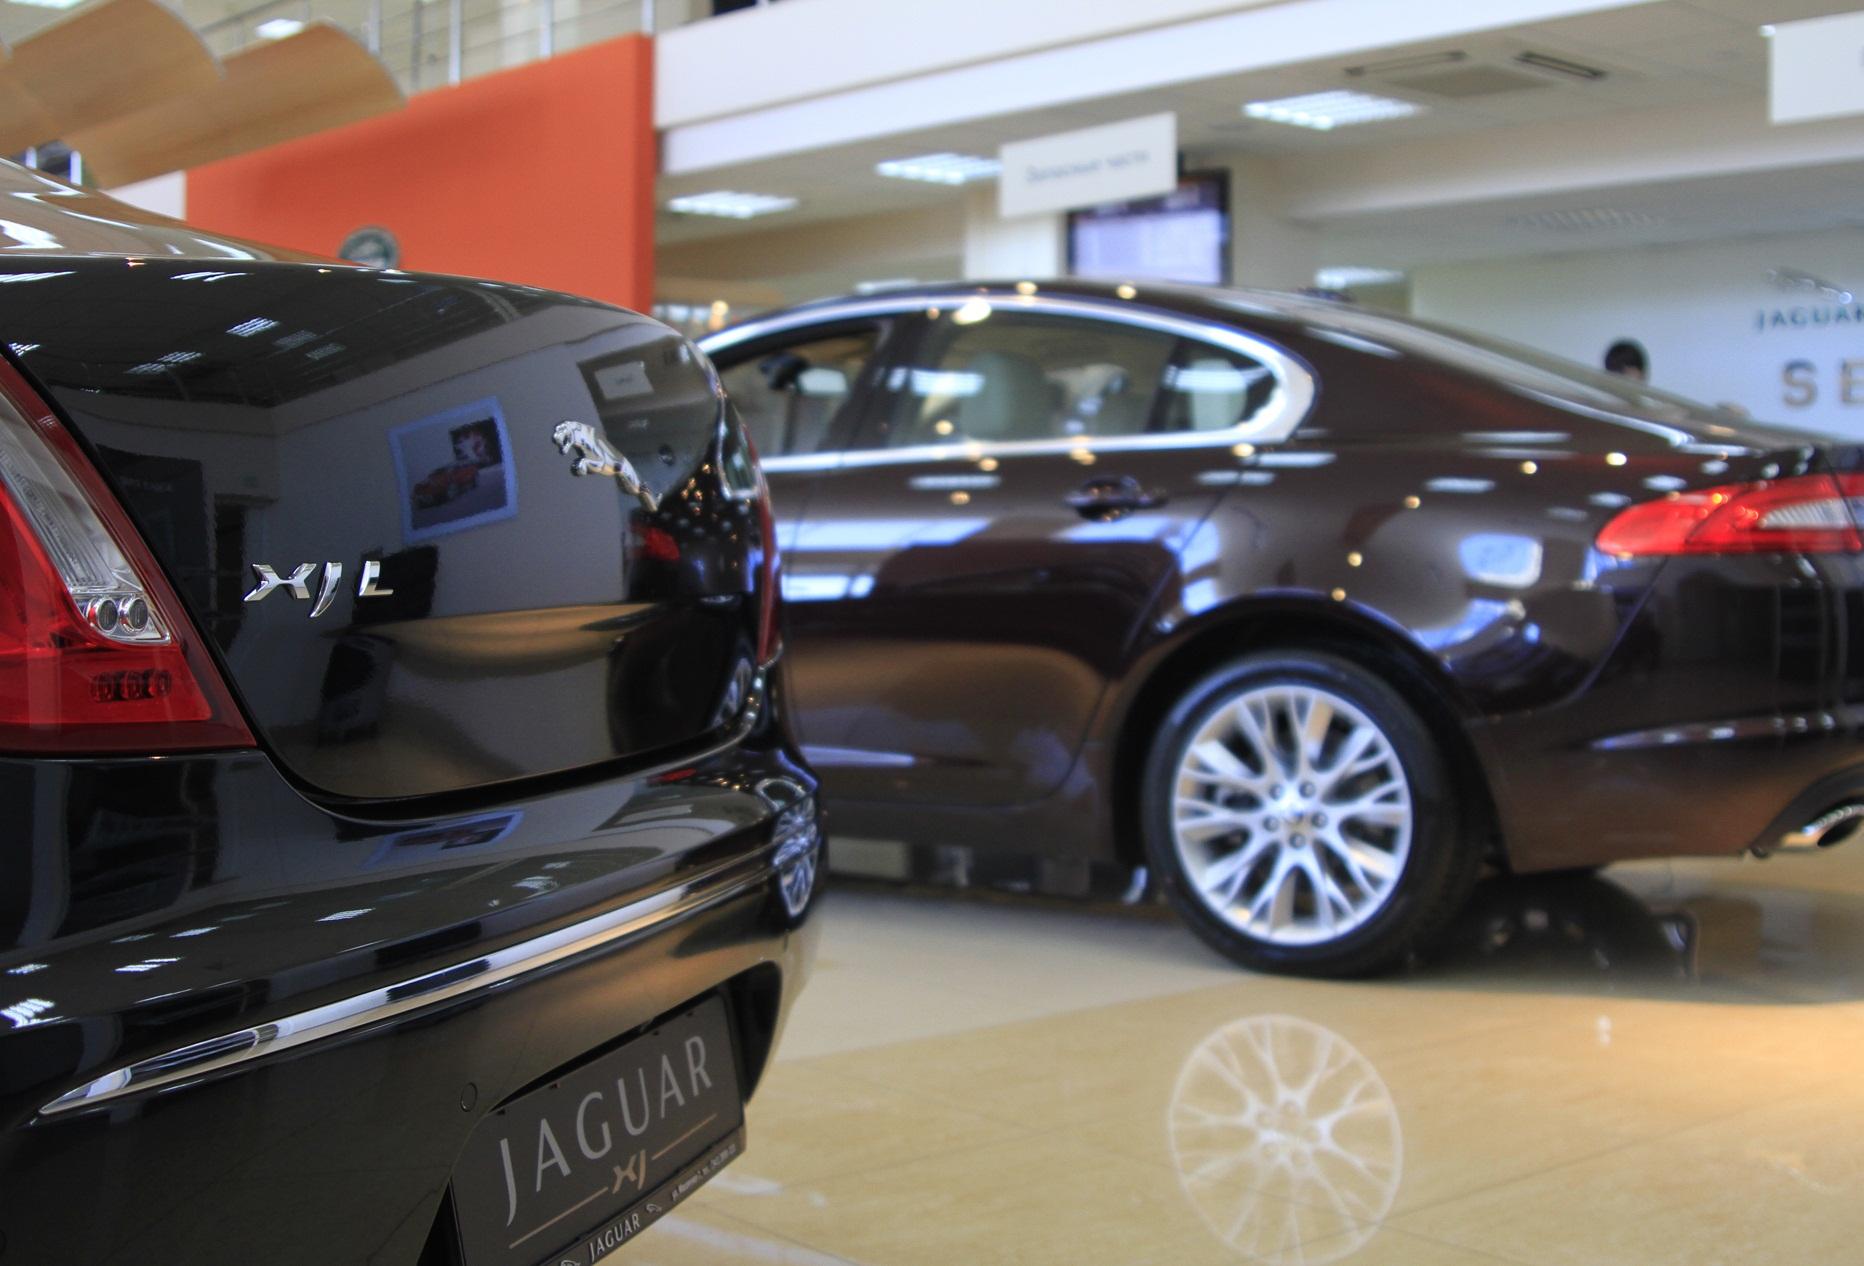 Продажи Lexus в Екатеринбурге упали, у Jaguar выросли почти втрое